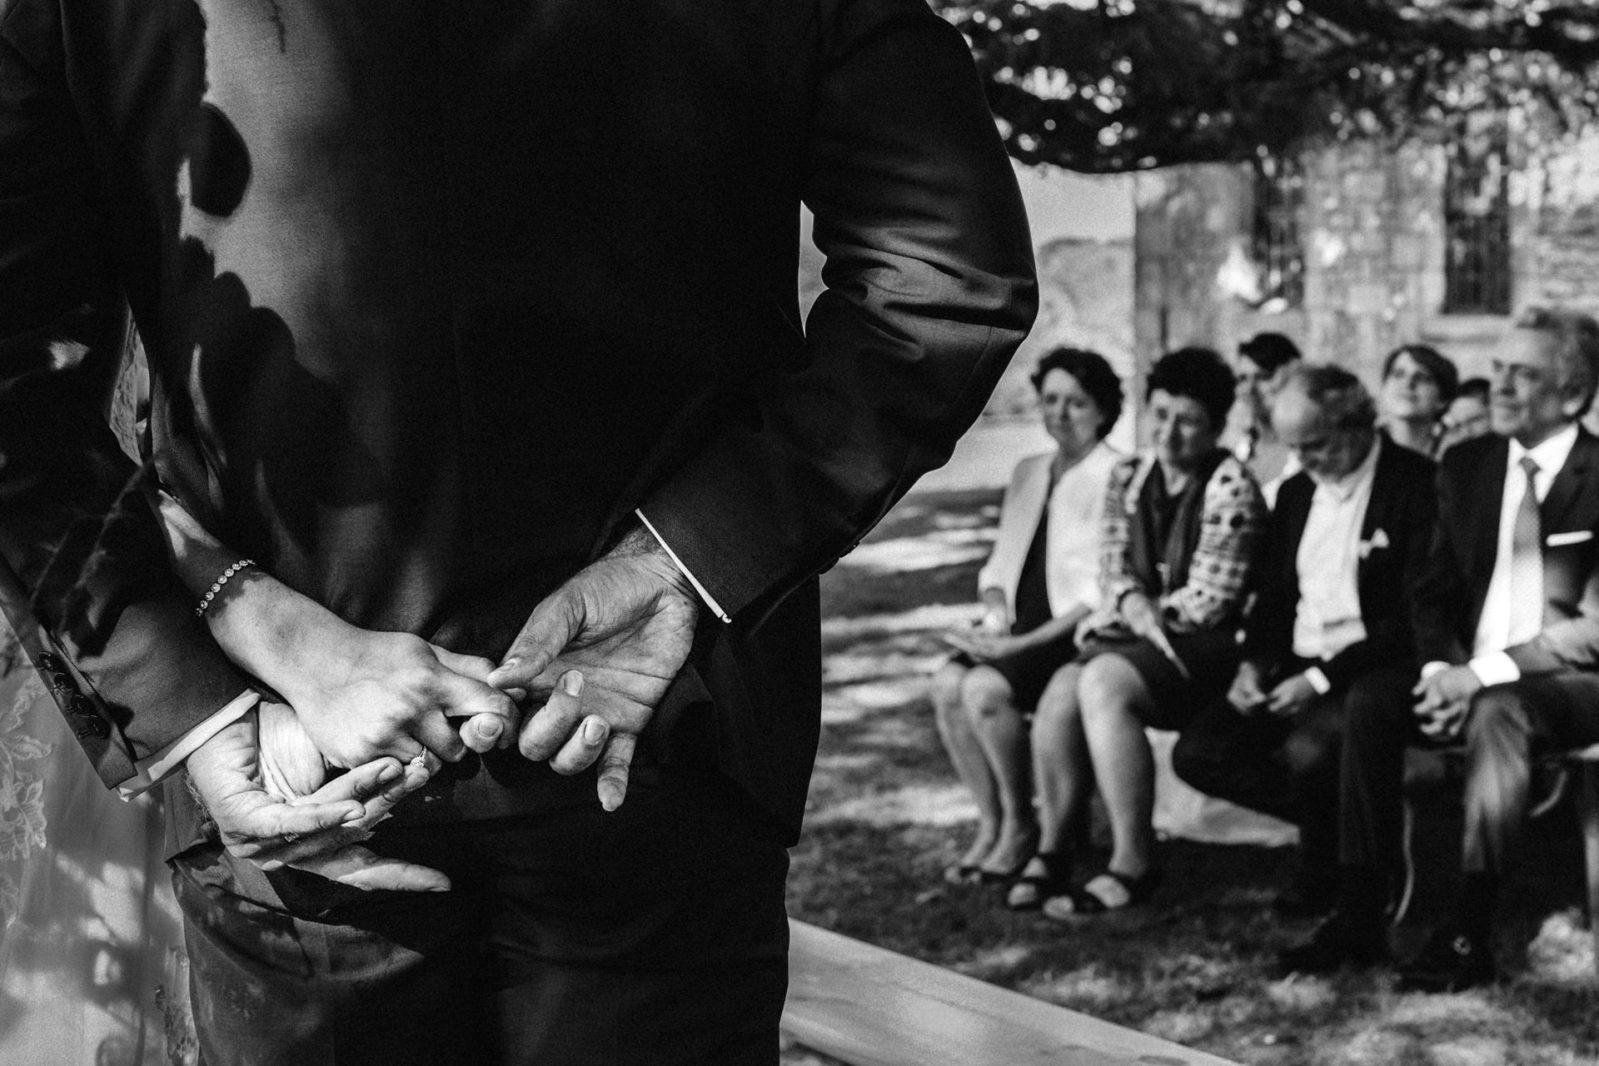 Photo des mains des mariés pendant la cérémonie laïque . Ernestine et sa famille photographe de mariage à l'approche reportage